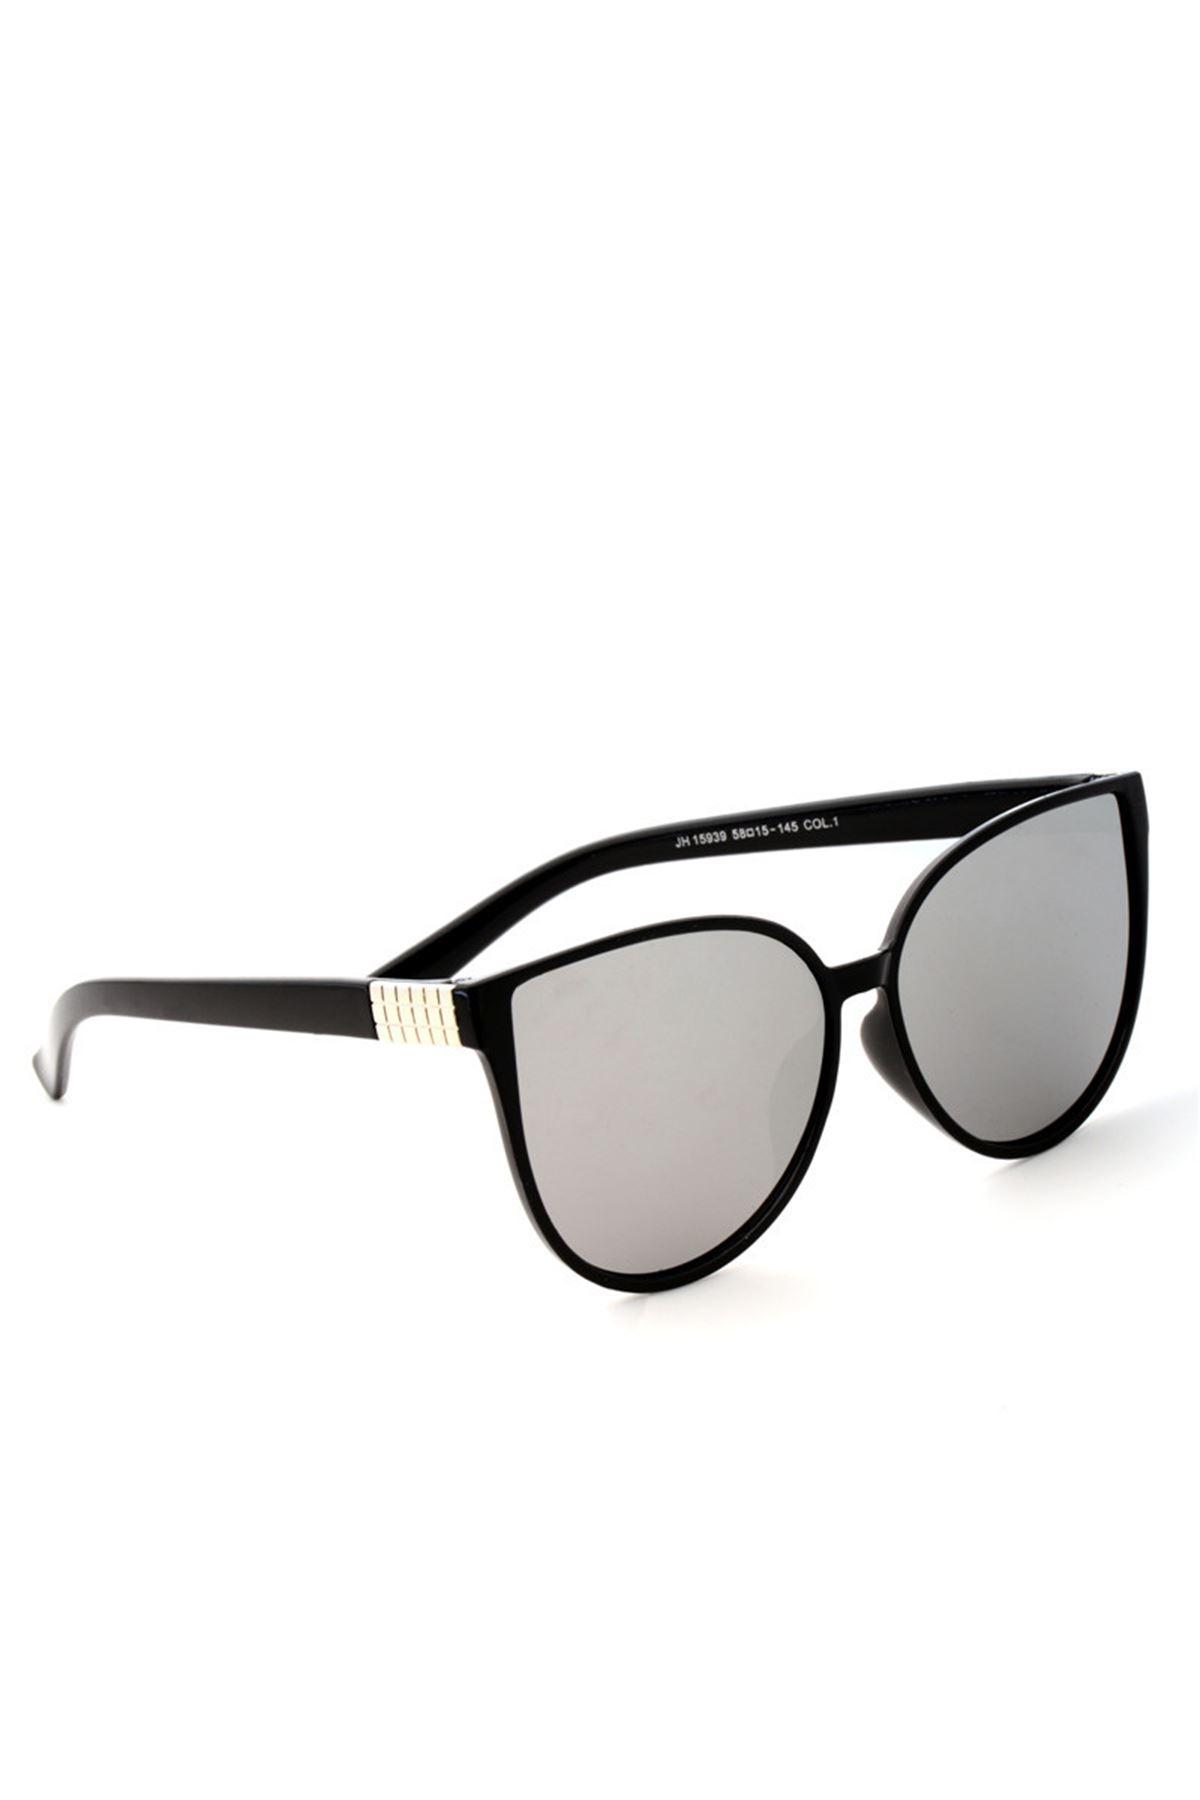 6012 Gümüş Kadın Gözlük